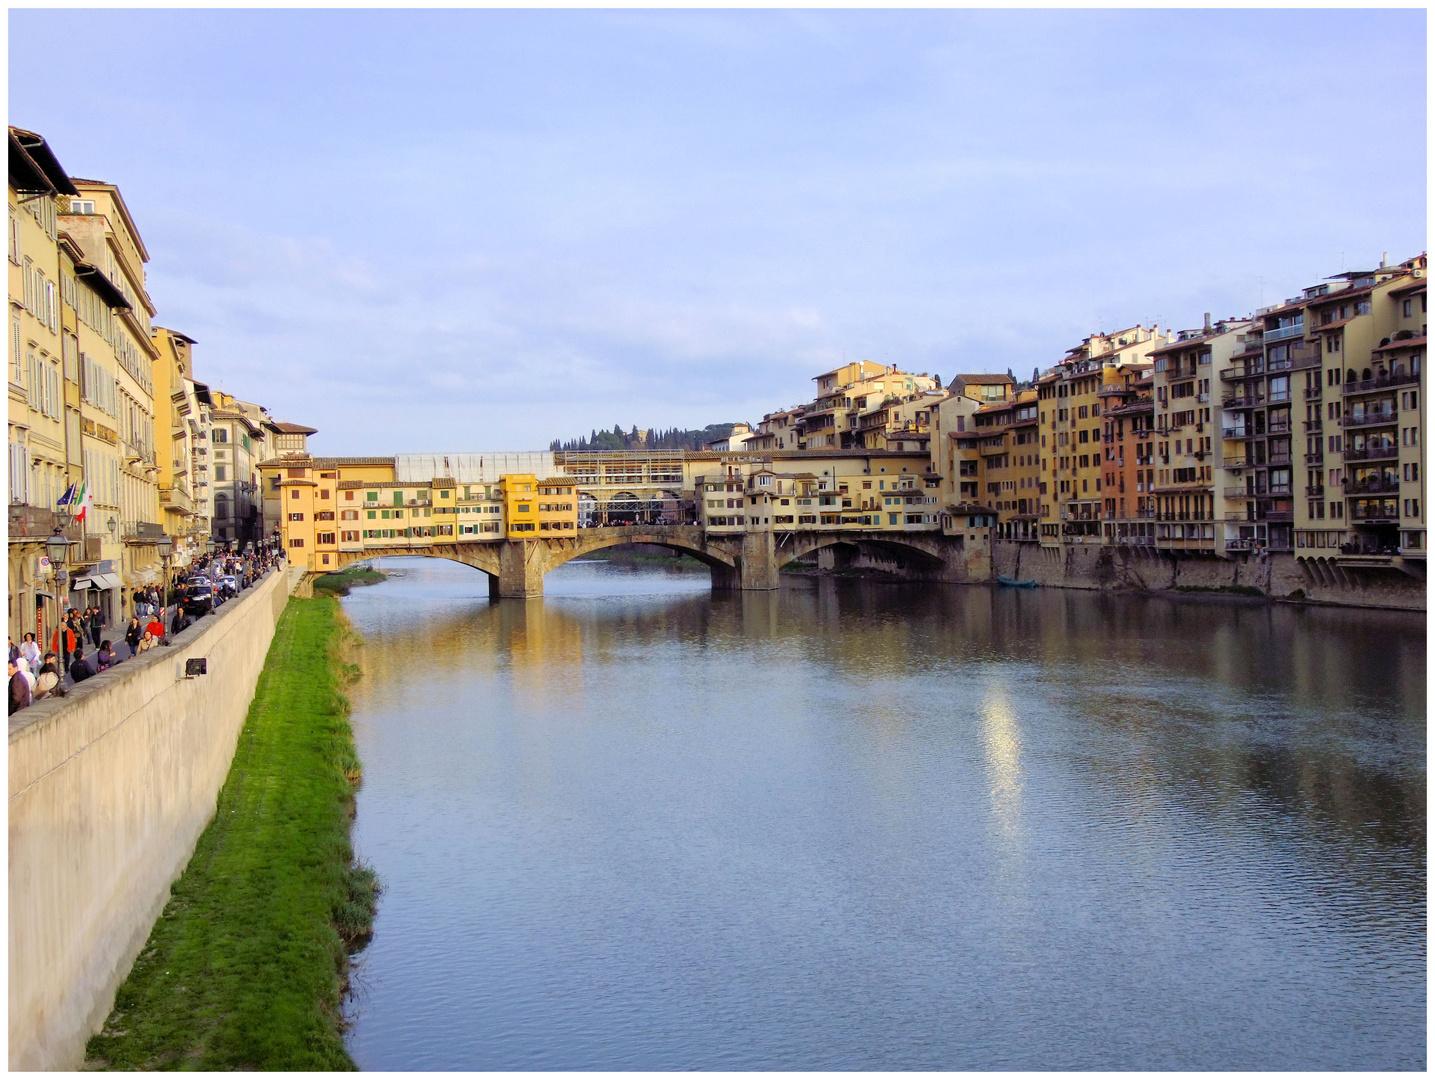 Florence. Le ponte vecchio